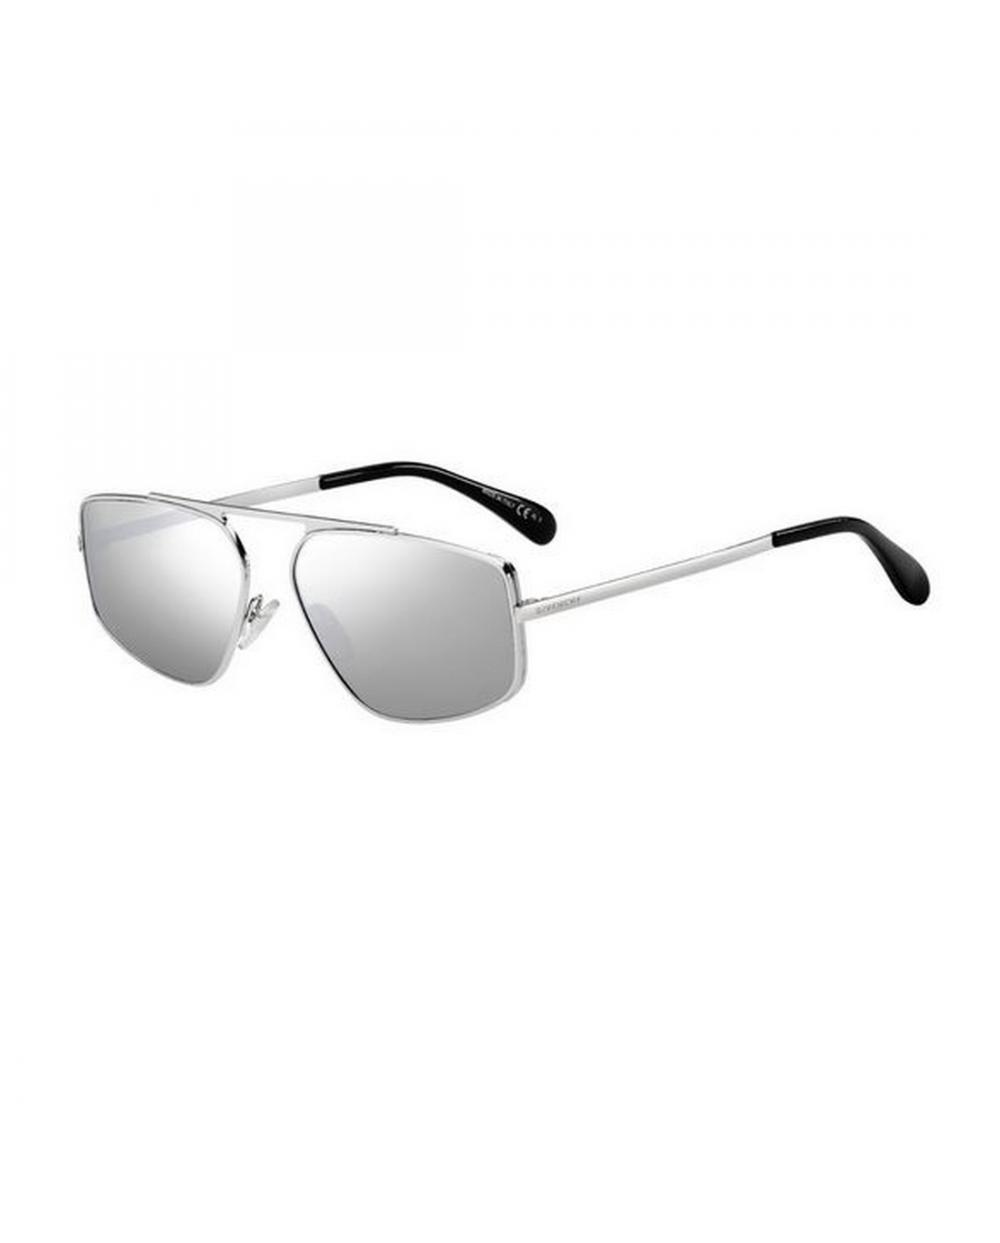 Sonnenbrille Givenchy originalverpackung garantie italien